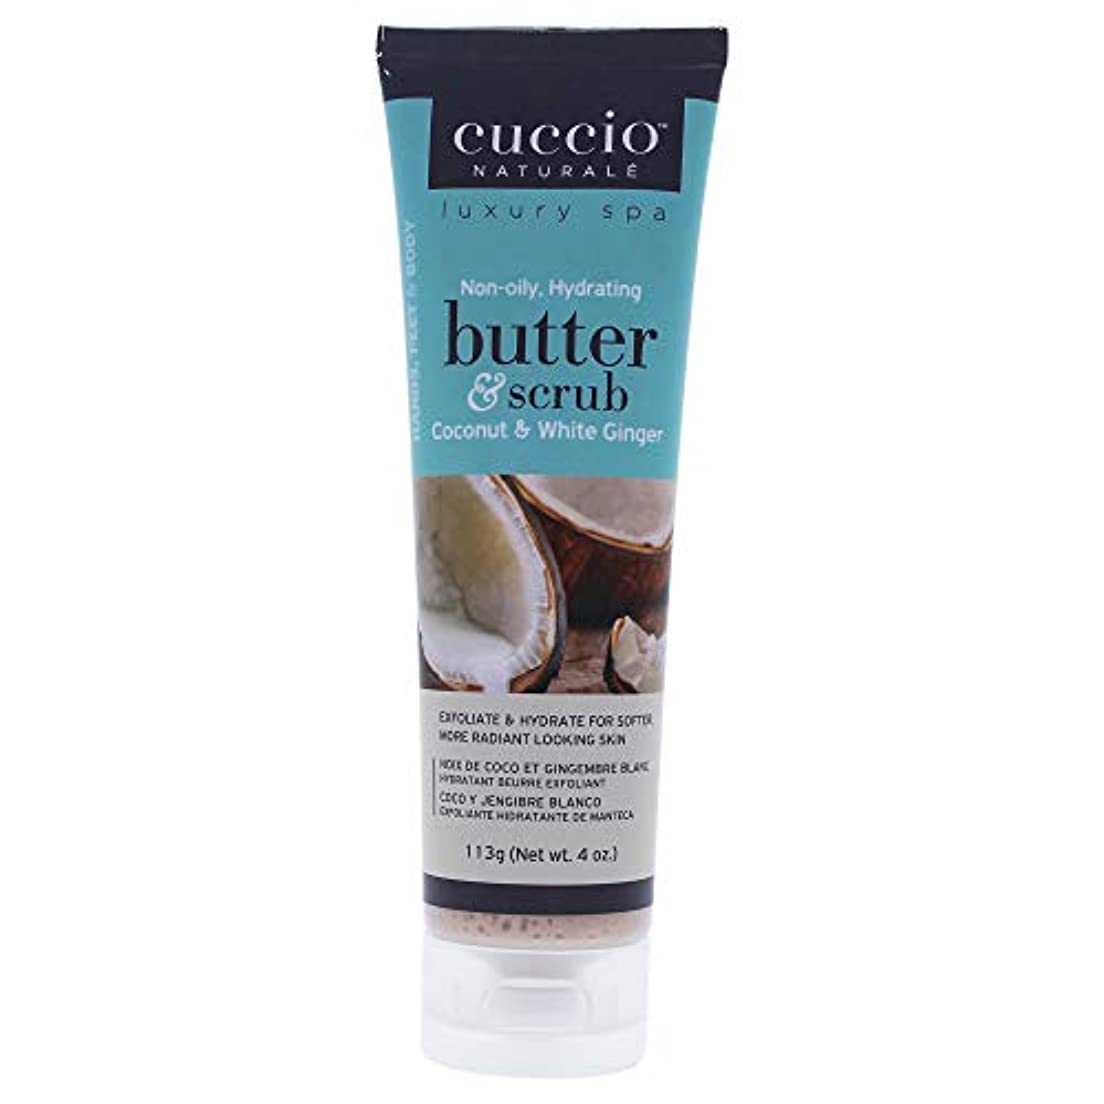 連合噴水次クシオ(CUCCIO) バタースクラブチューブ ココナッツ&ホワイトジンジャー 113g